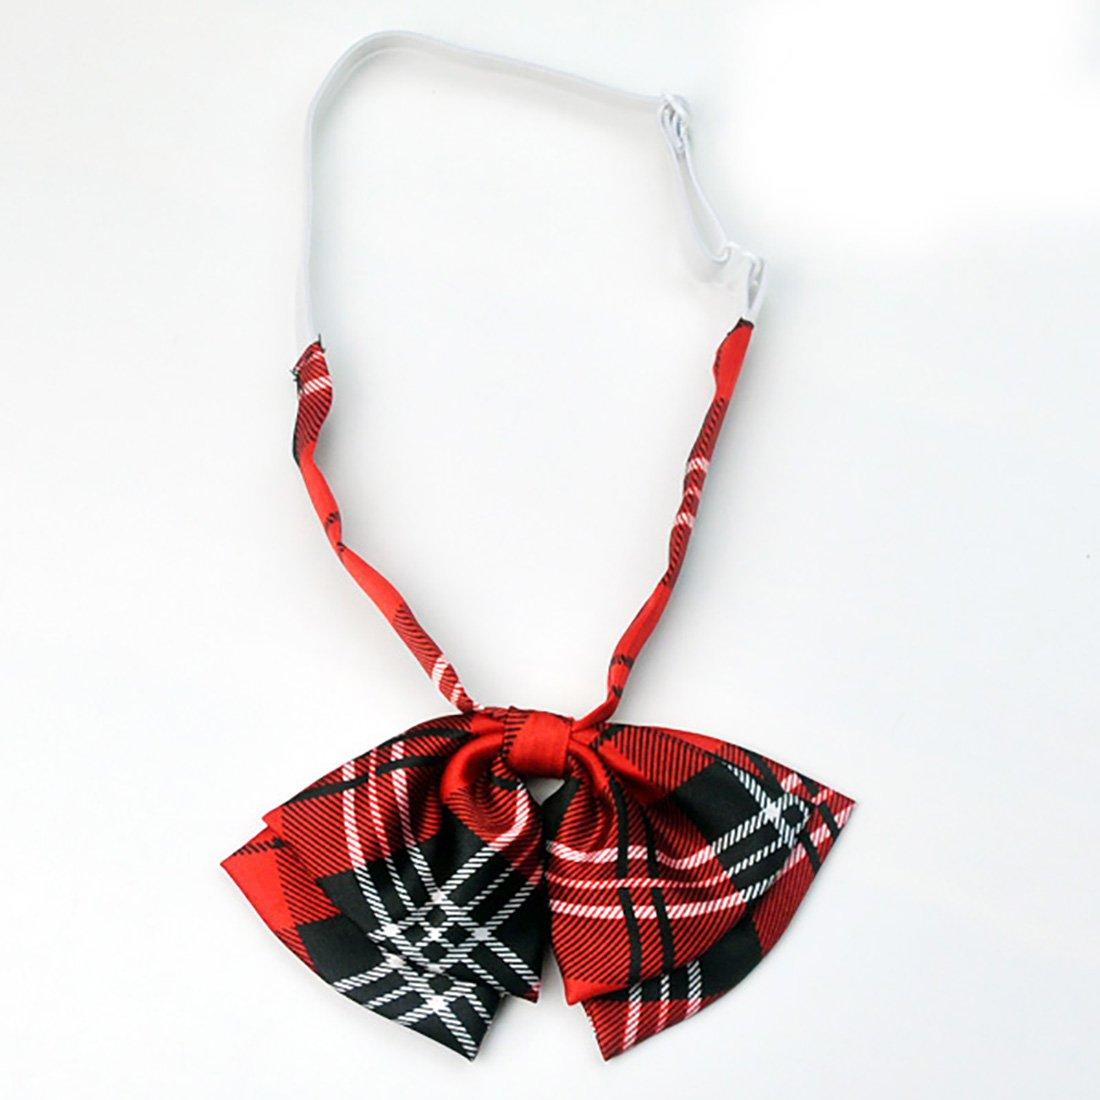 ee38ec4d7c04c URSFUR Nœud Papillon/Lavallière Motif Écossaise Fille Cravate Fil ...